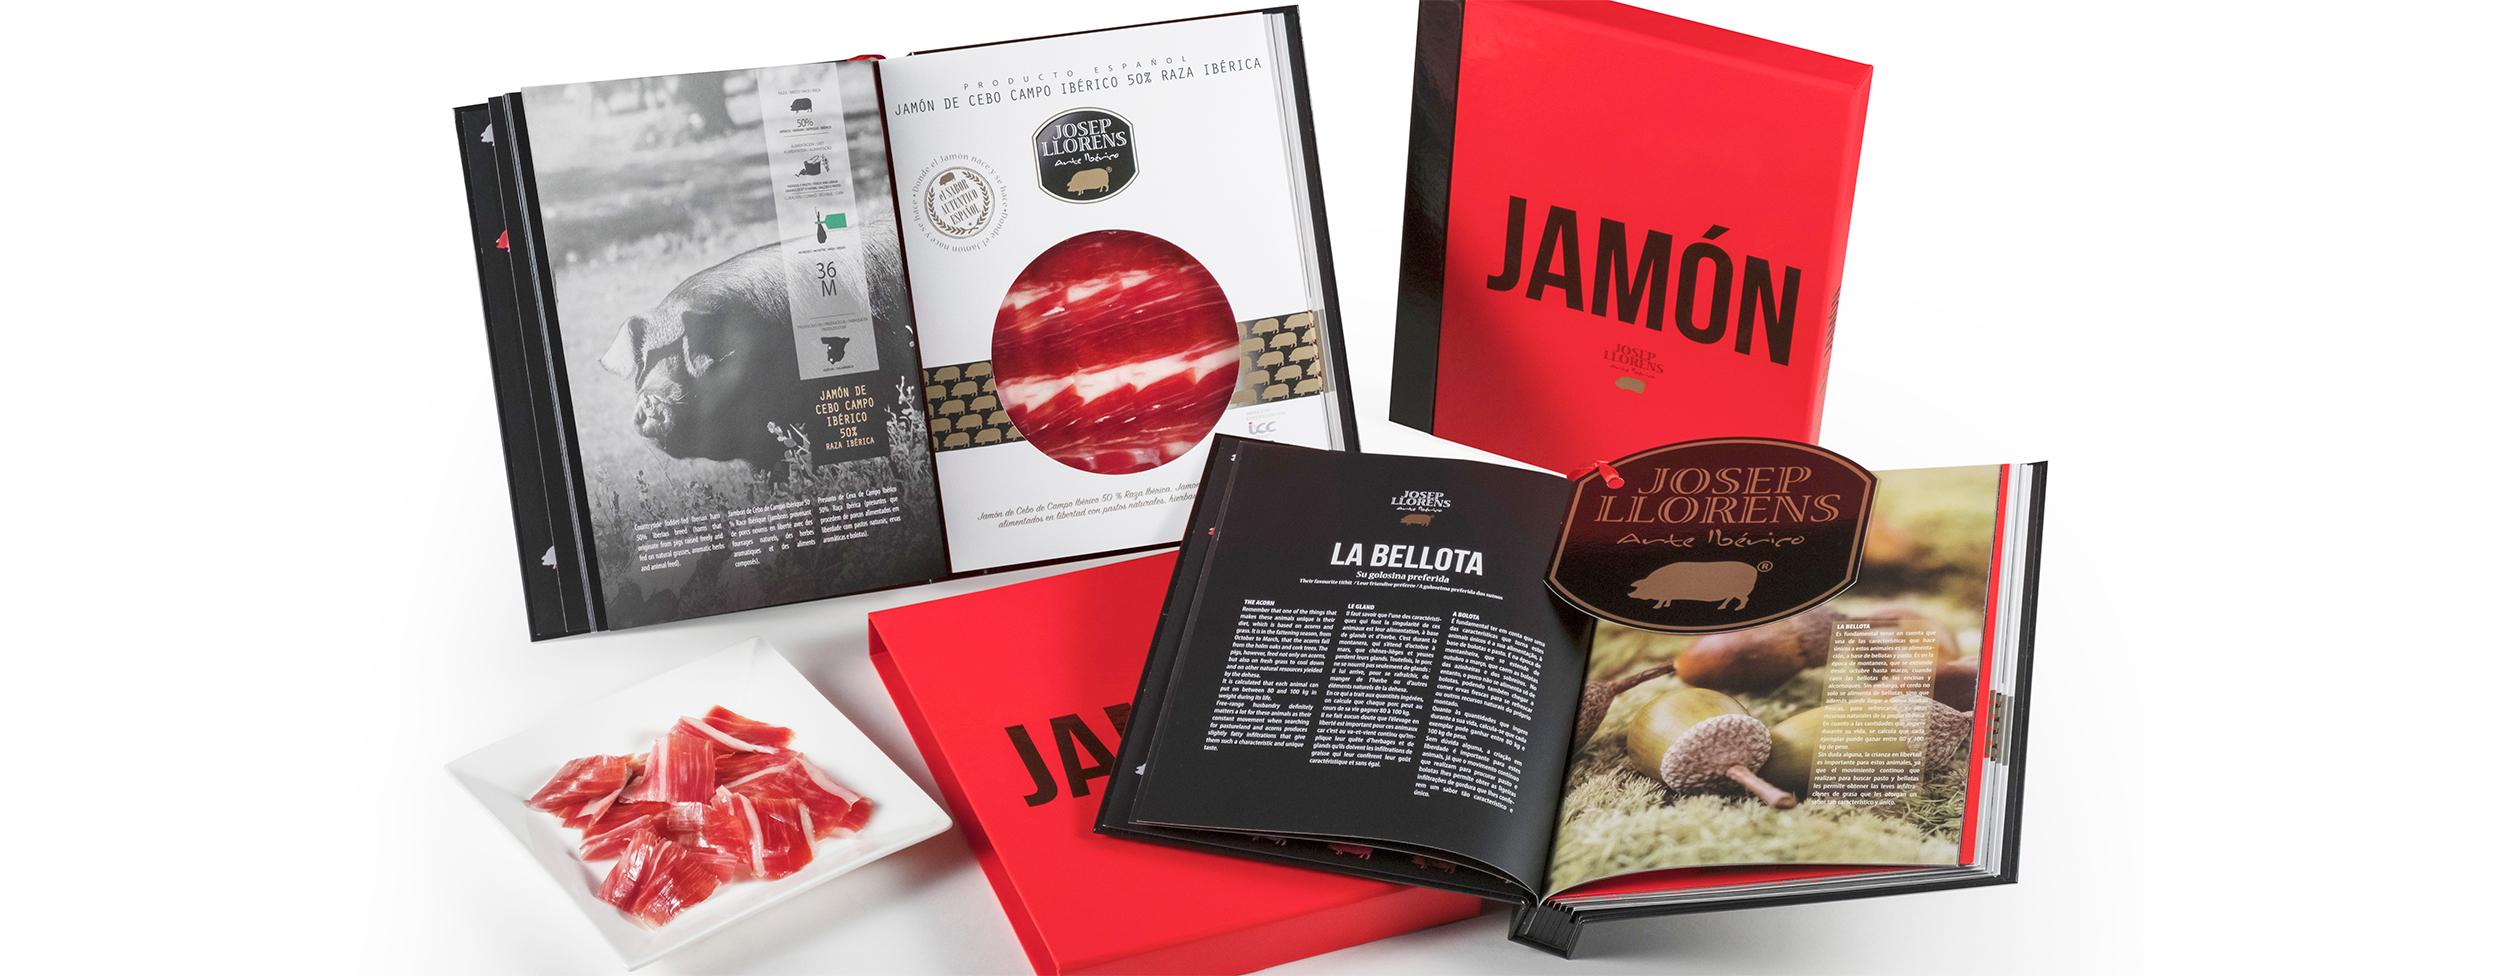 JAMÓN: Una gran obra de arte de la joya gastronómica española en formato libro de degustación.